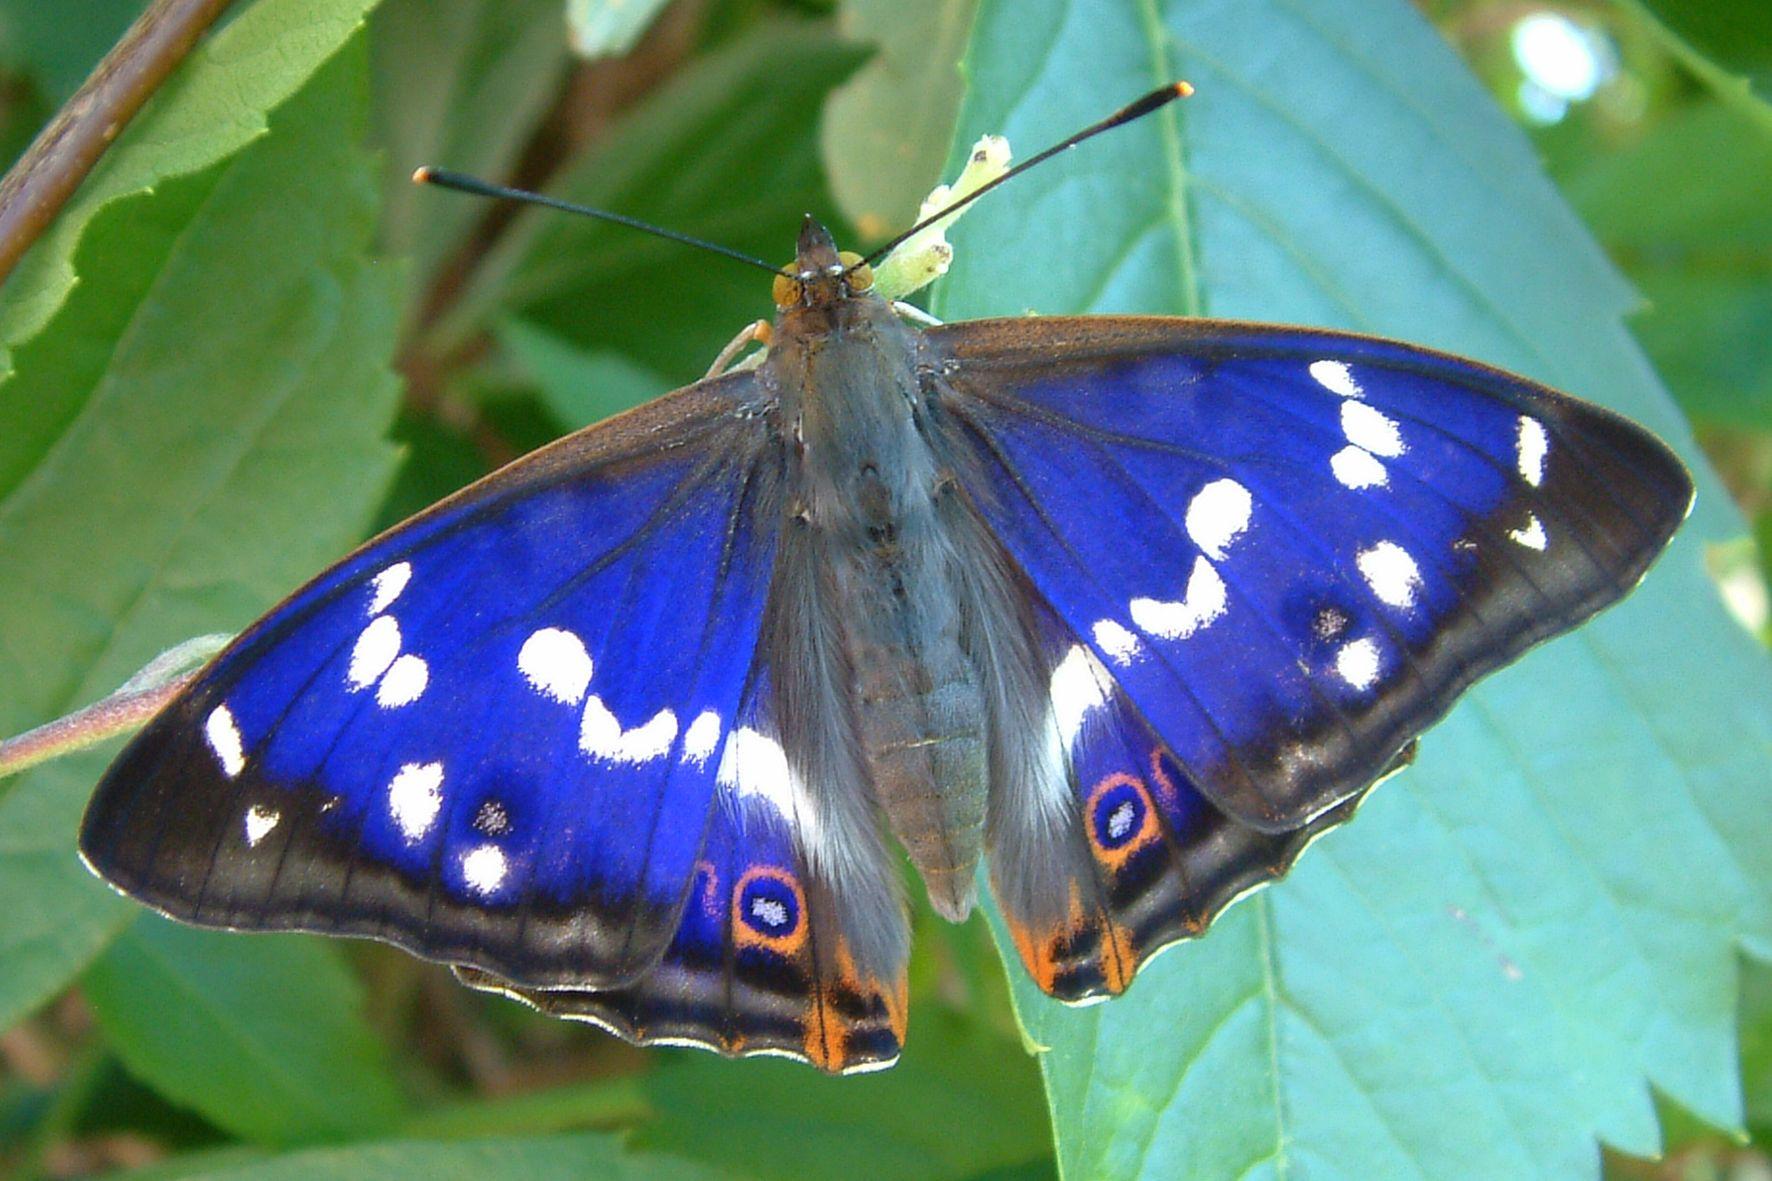 2011 Grosser Schillerfalter Schmetterling Tiere Ausgestopftes Tier